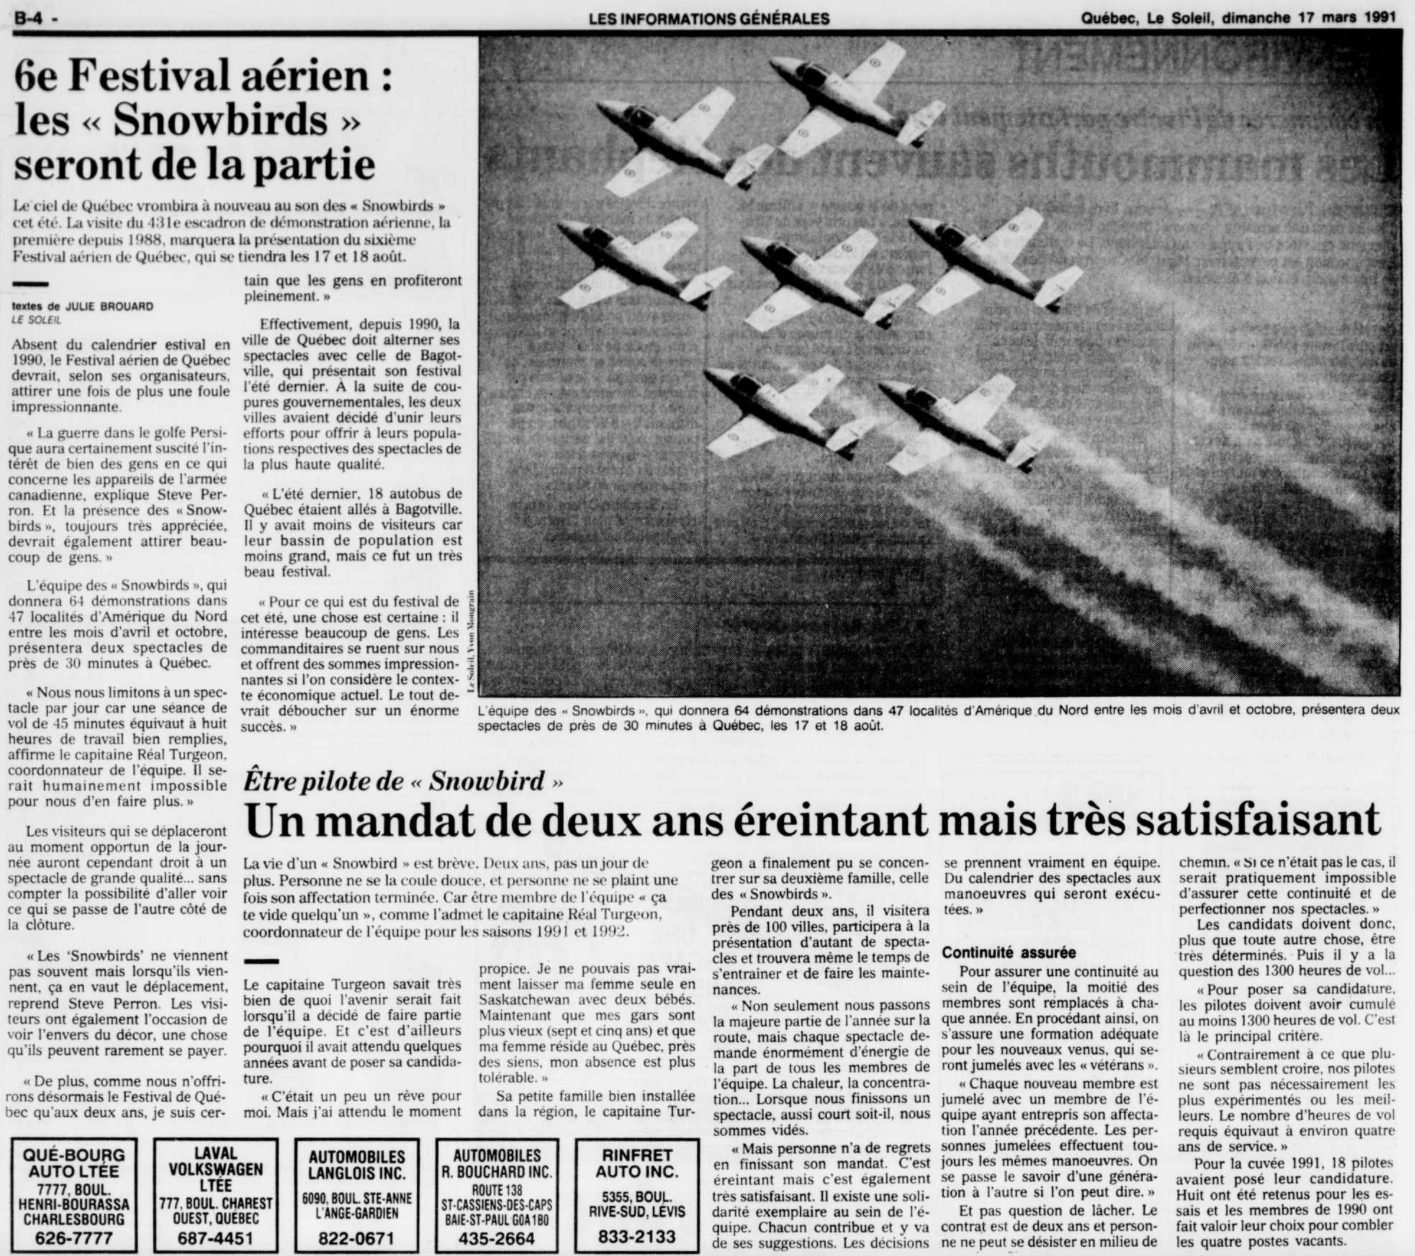 Journal Le Soleil 17 mars 1991